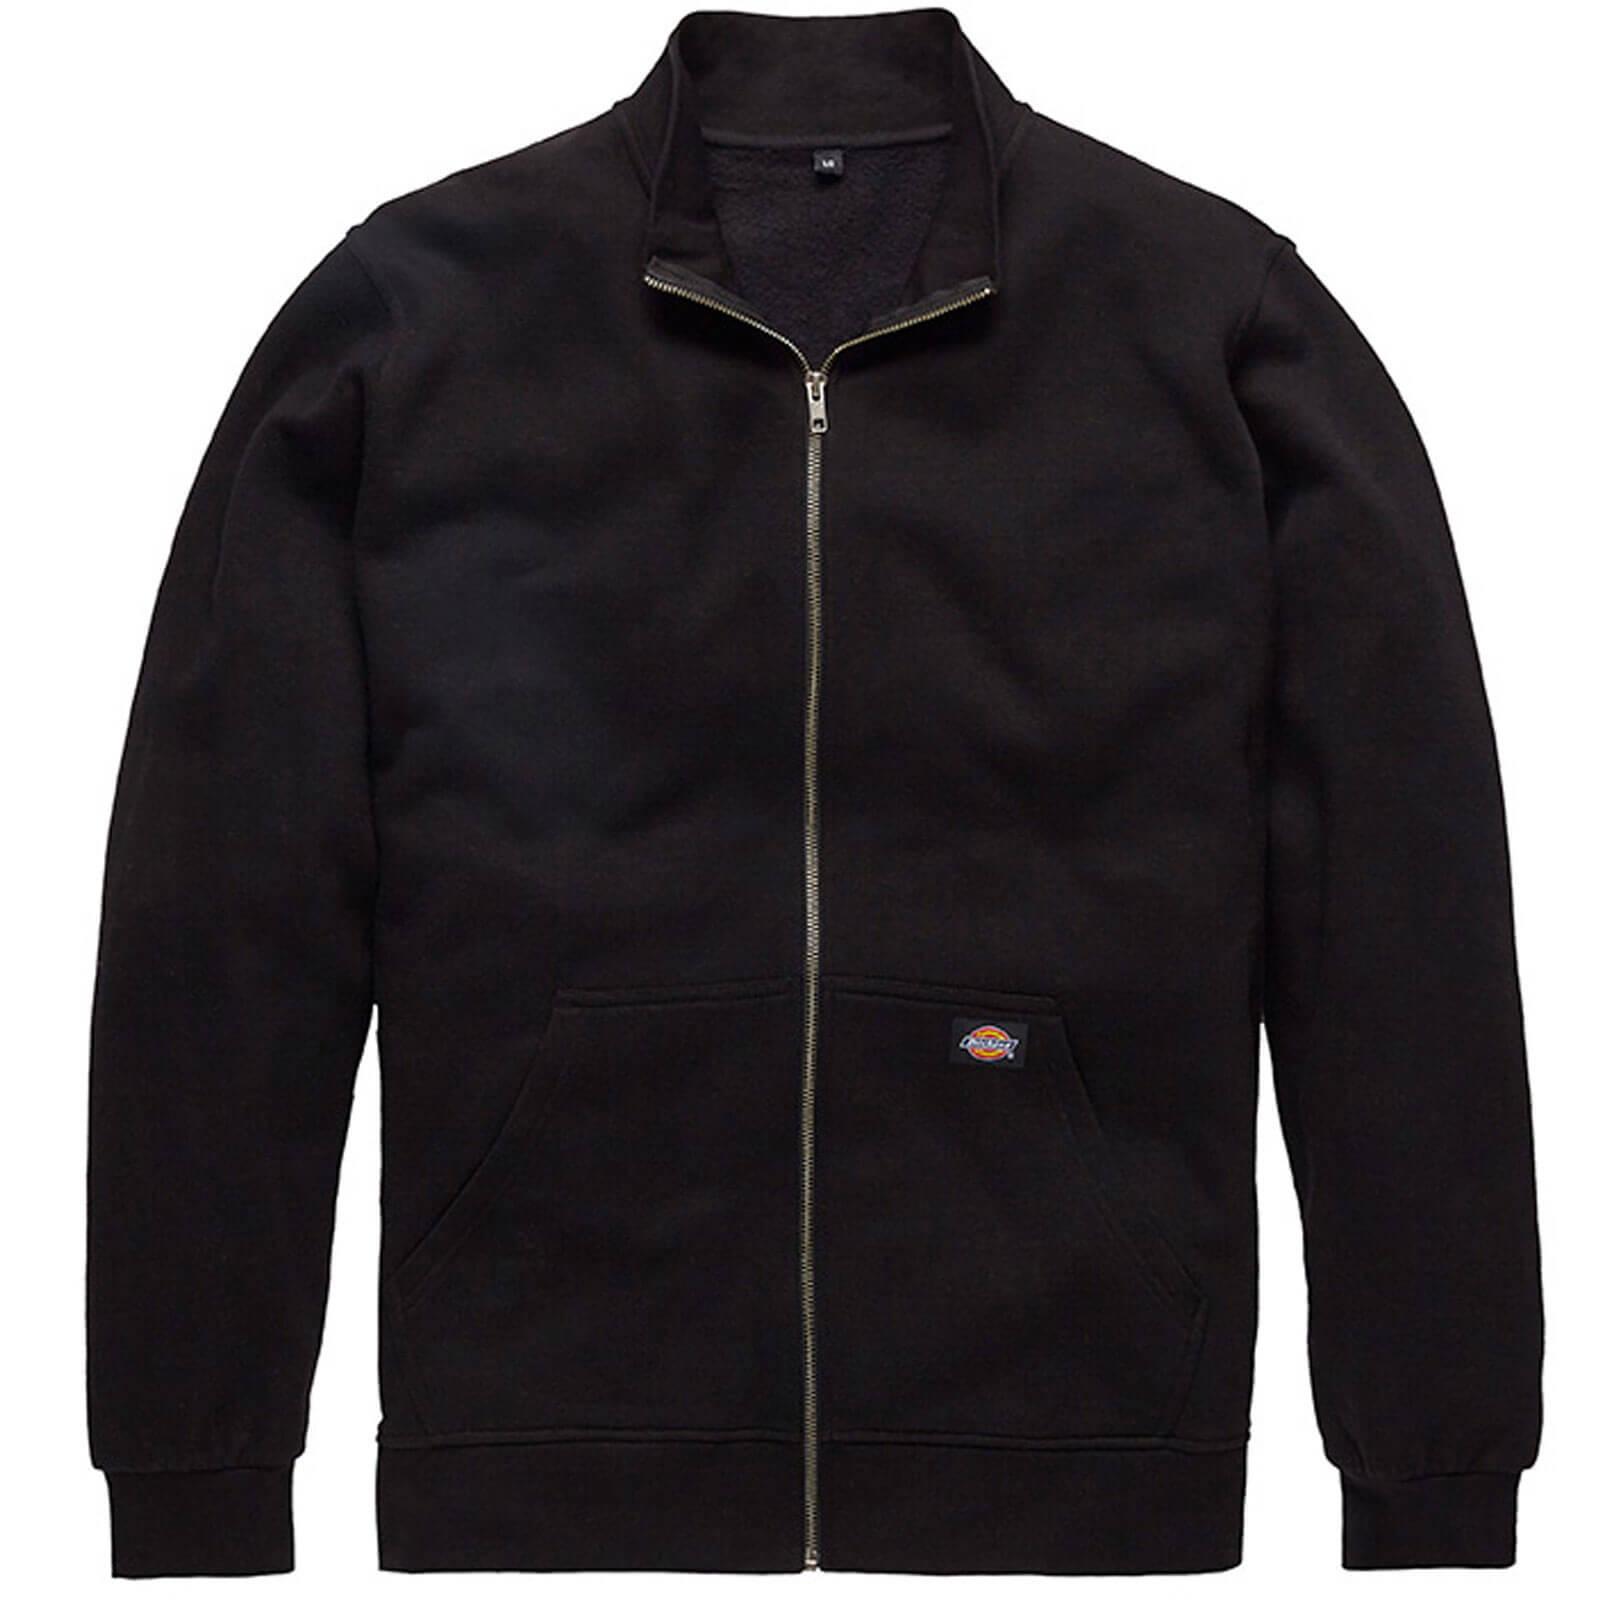 Image of Dickies Edgewood Zip Sweat Black 2XL